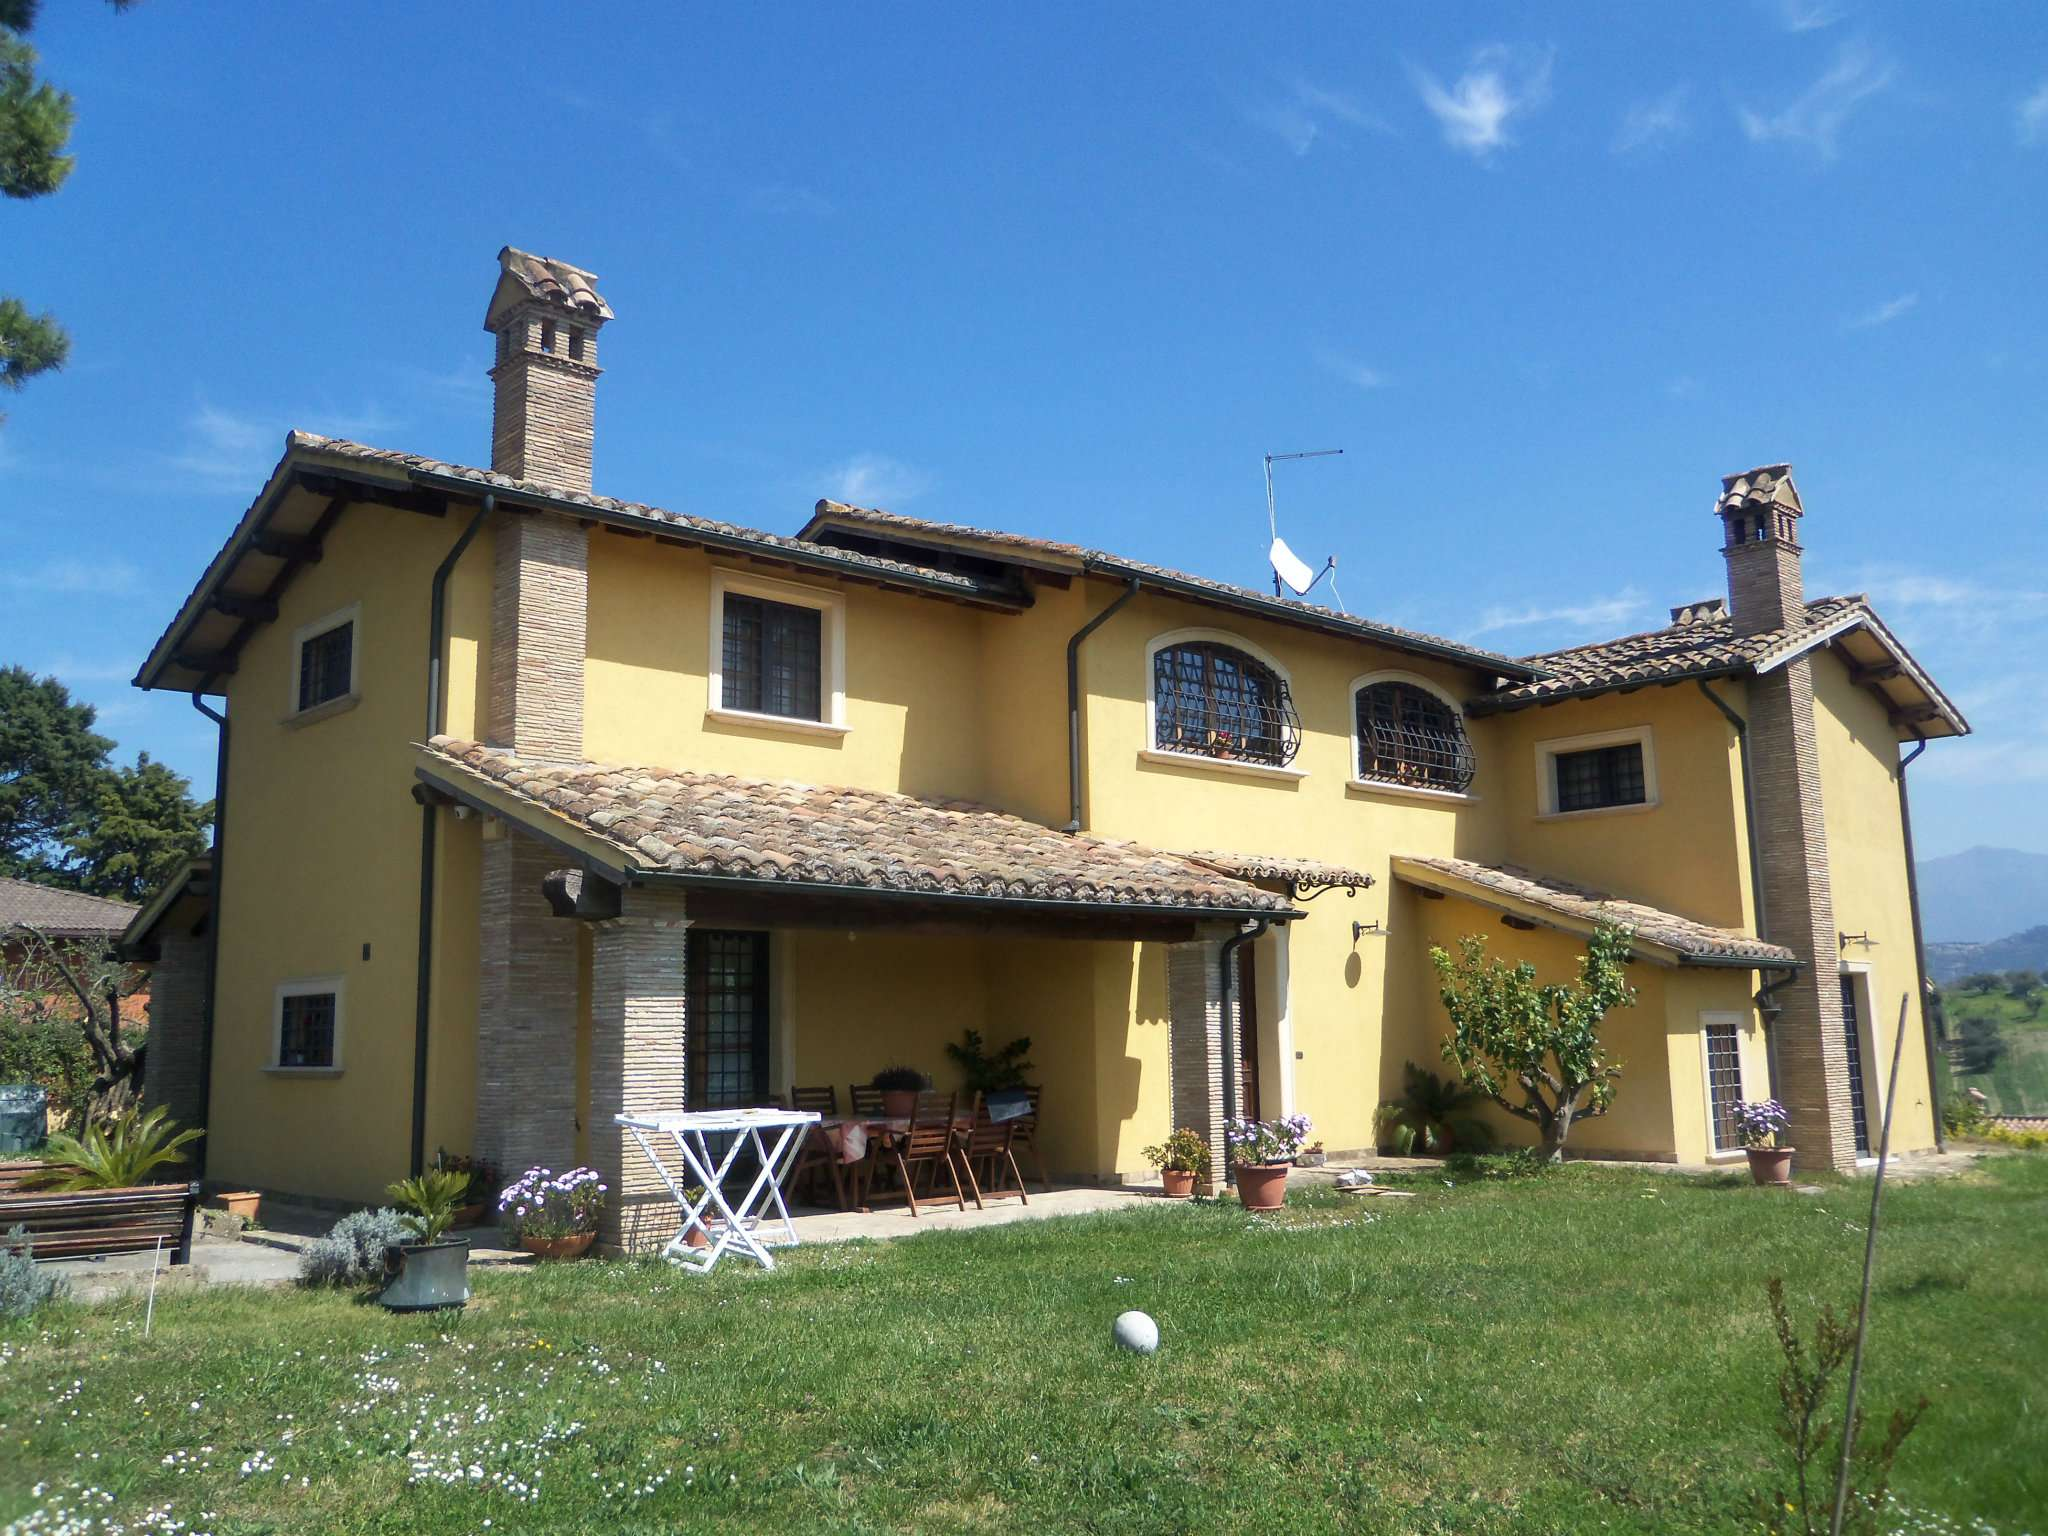 Villa in vendita a Mentana, 7 locali, prezzo € 459.000 | CambioCasa.it